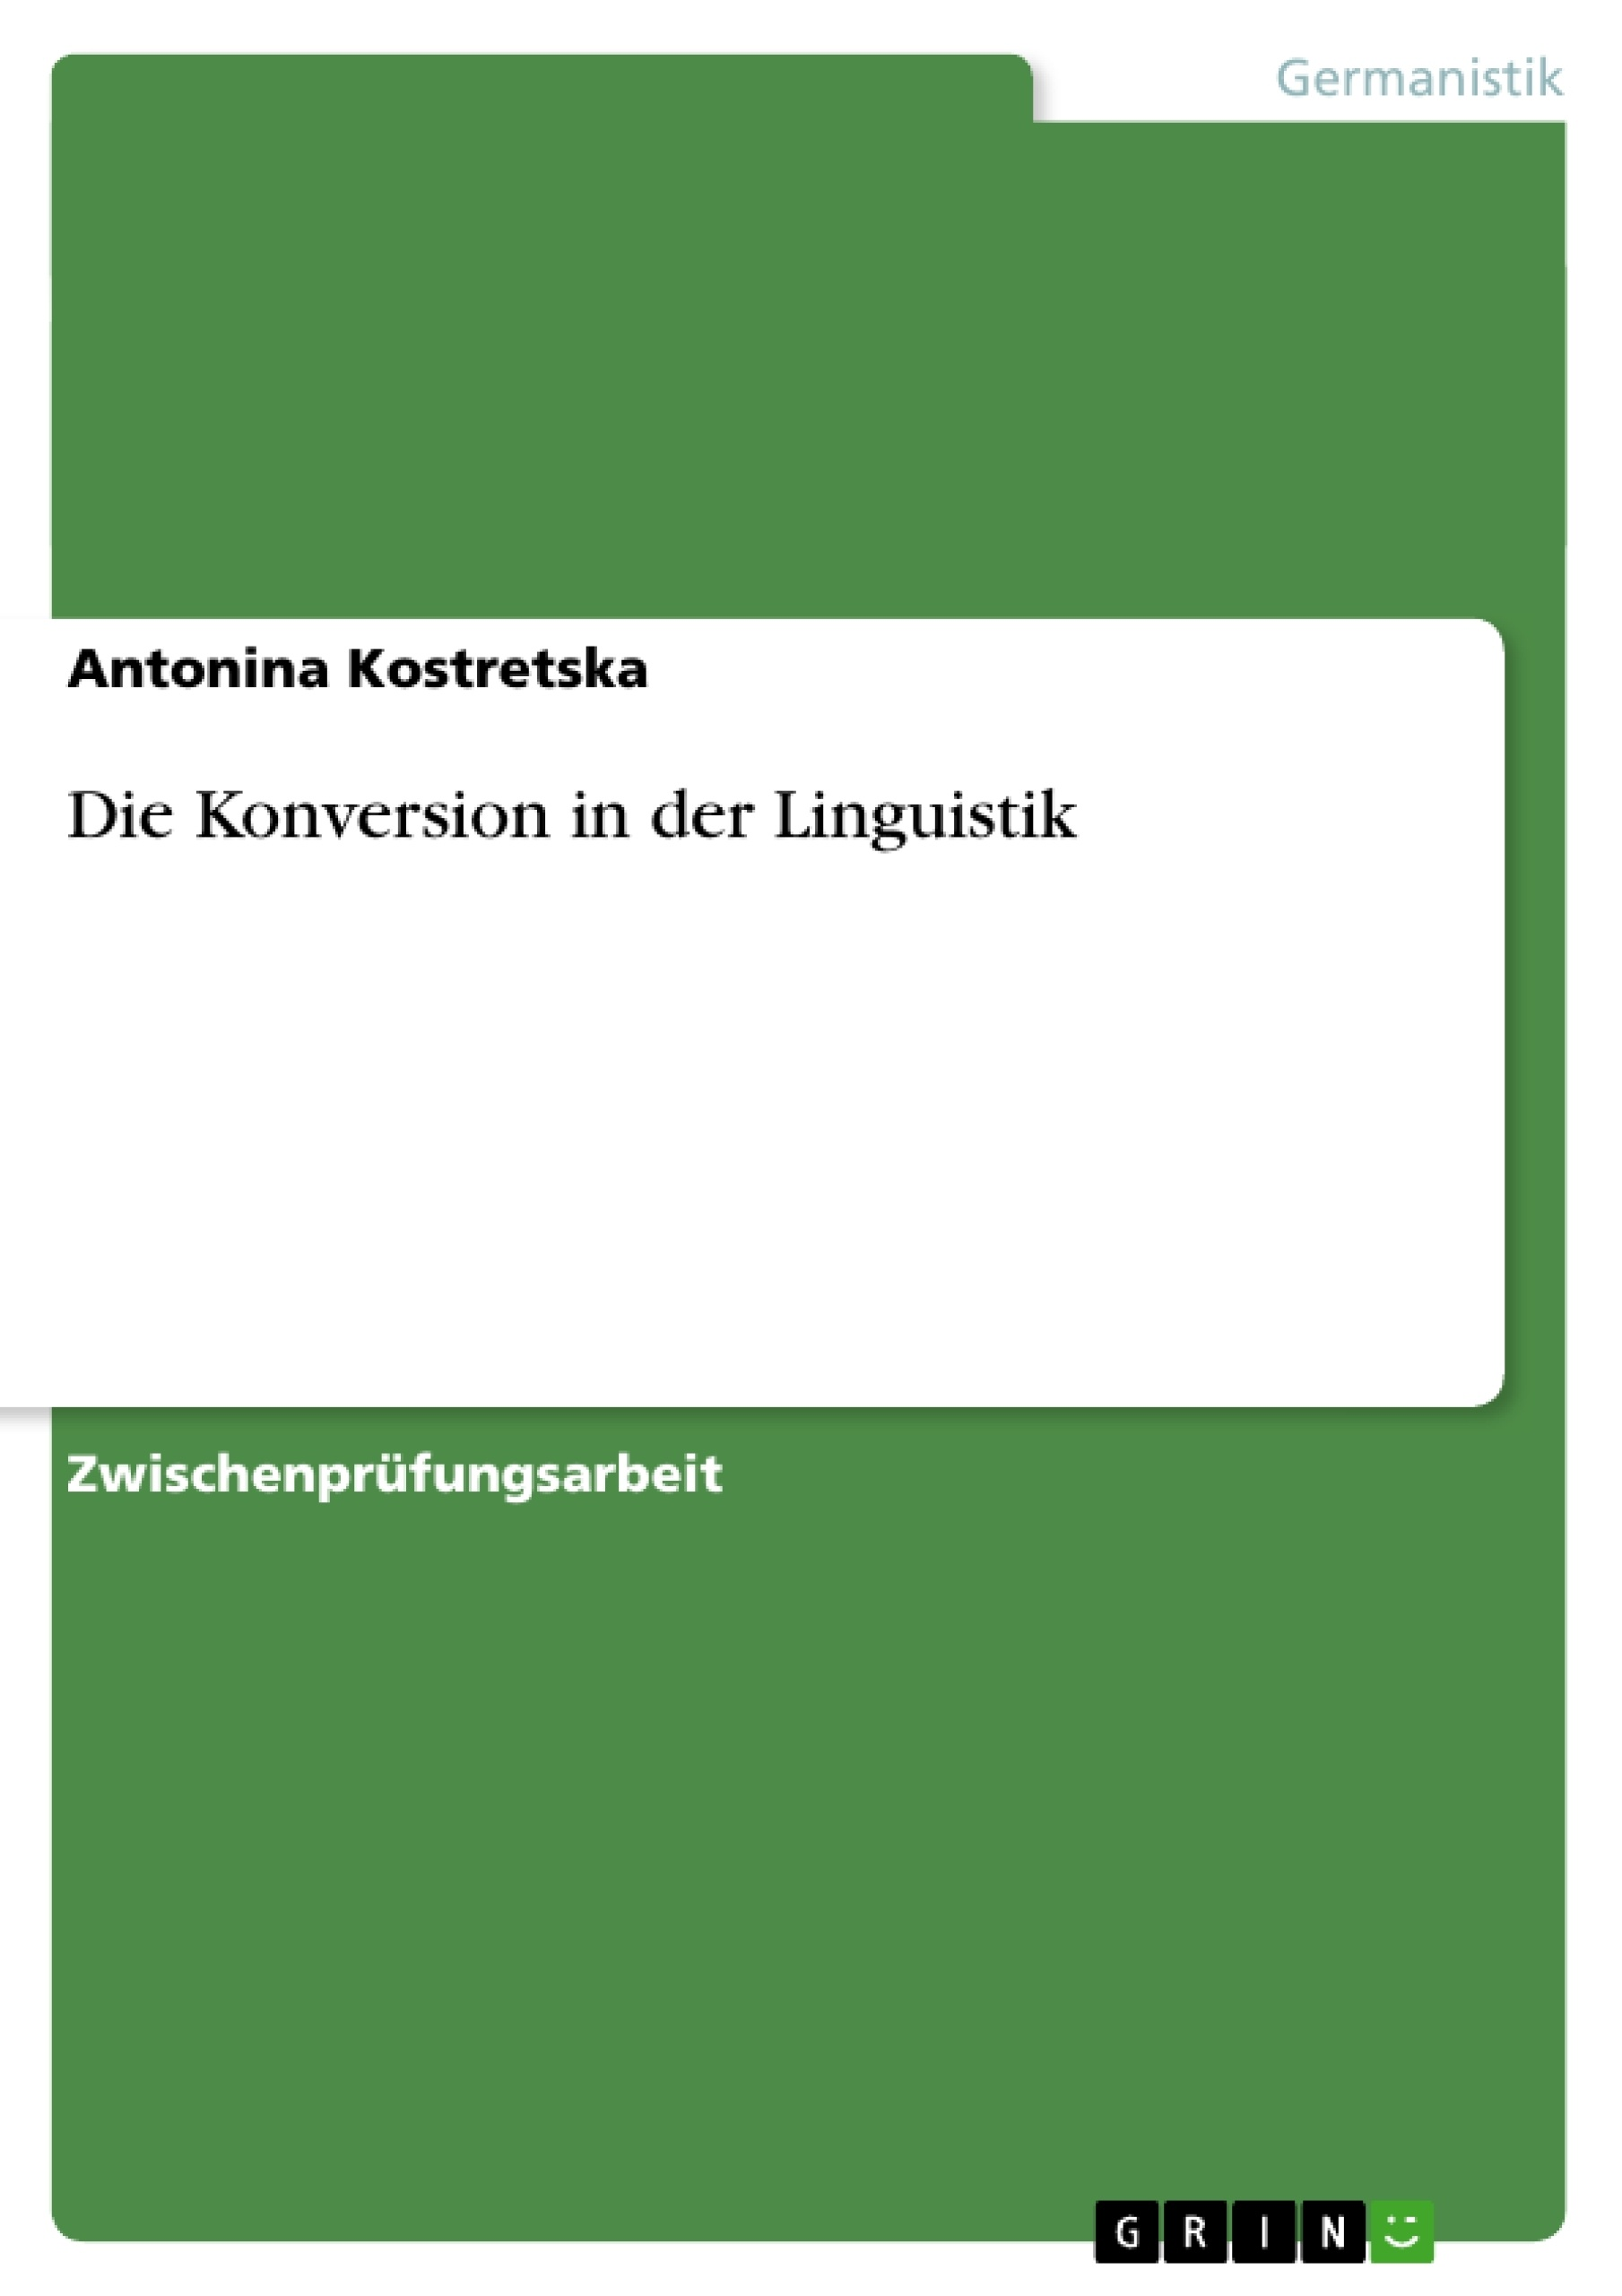 Titel: Die Konversion in der Linguistik